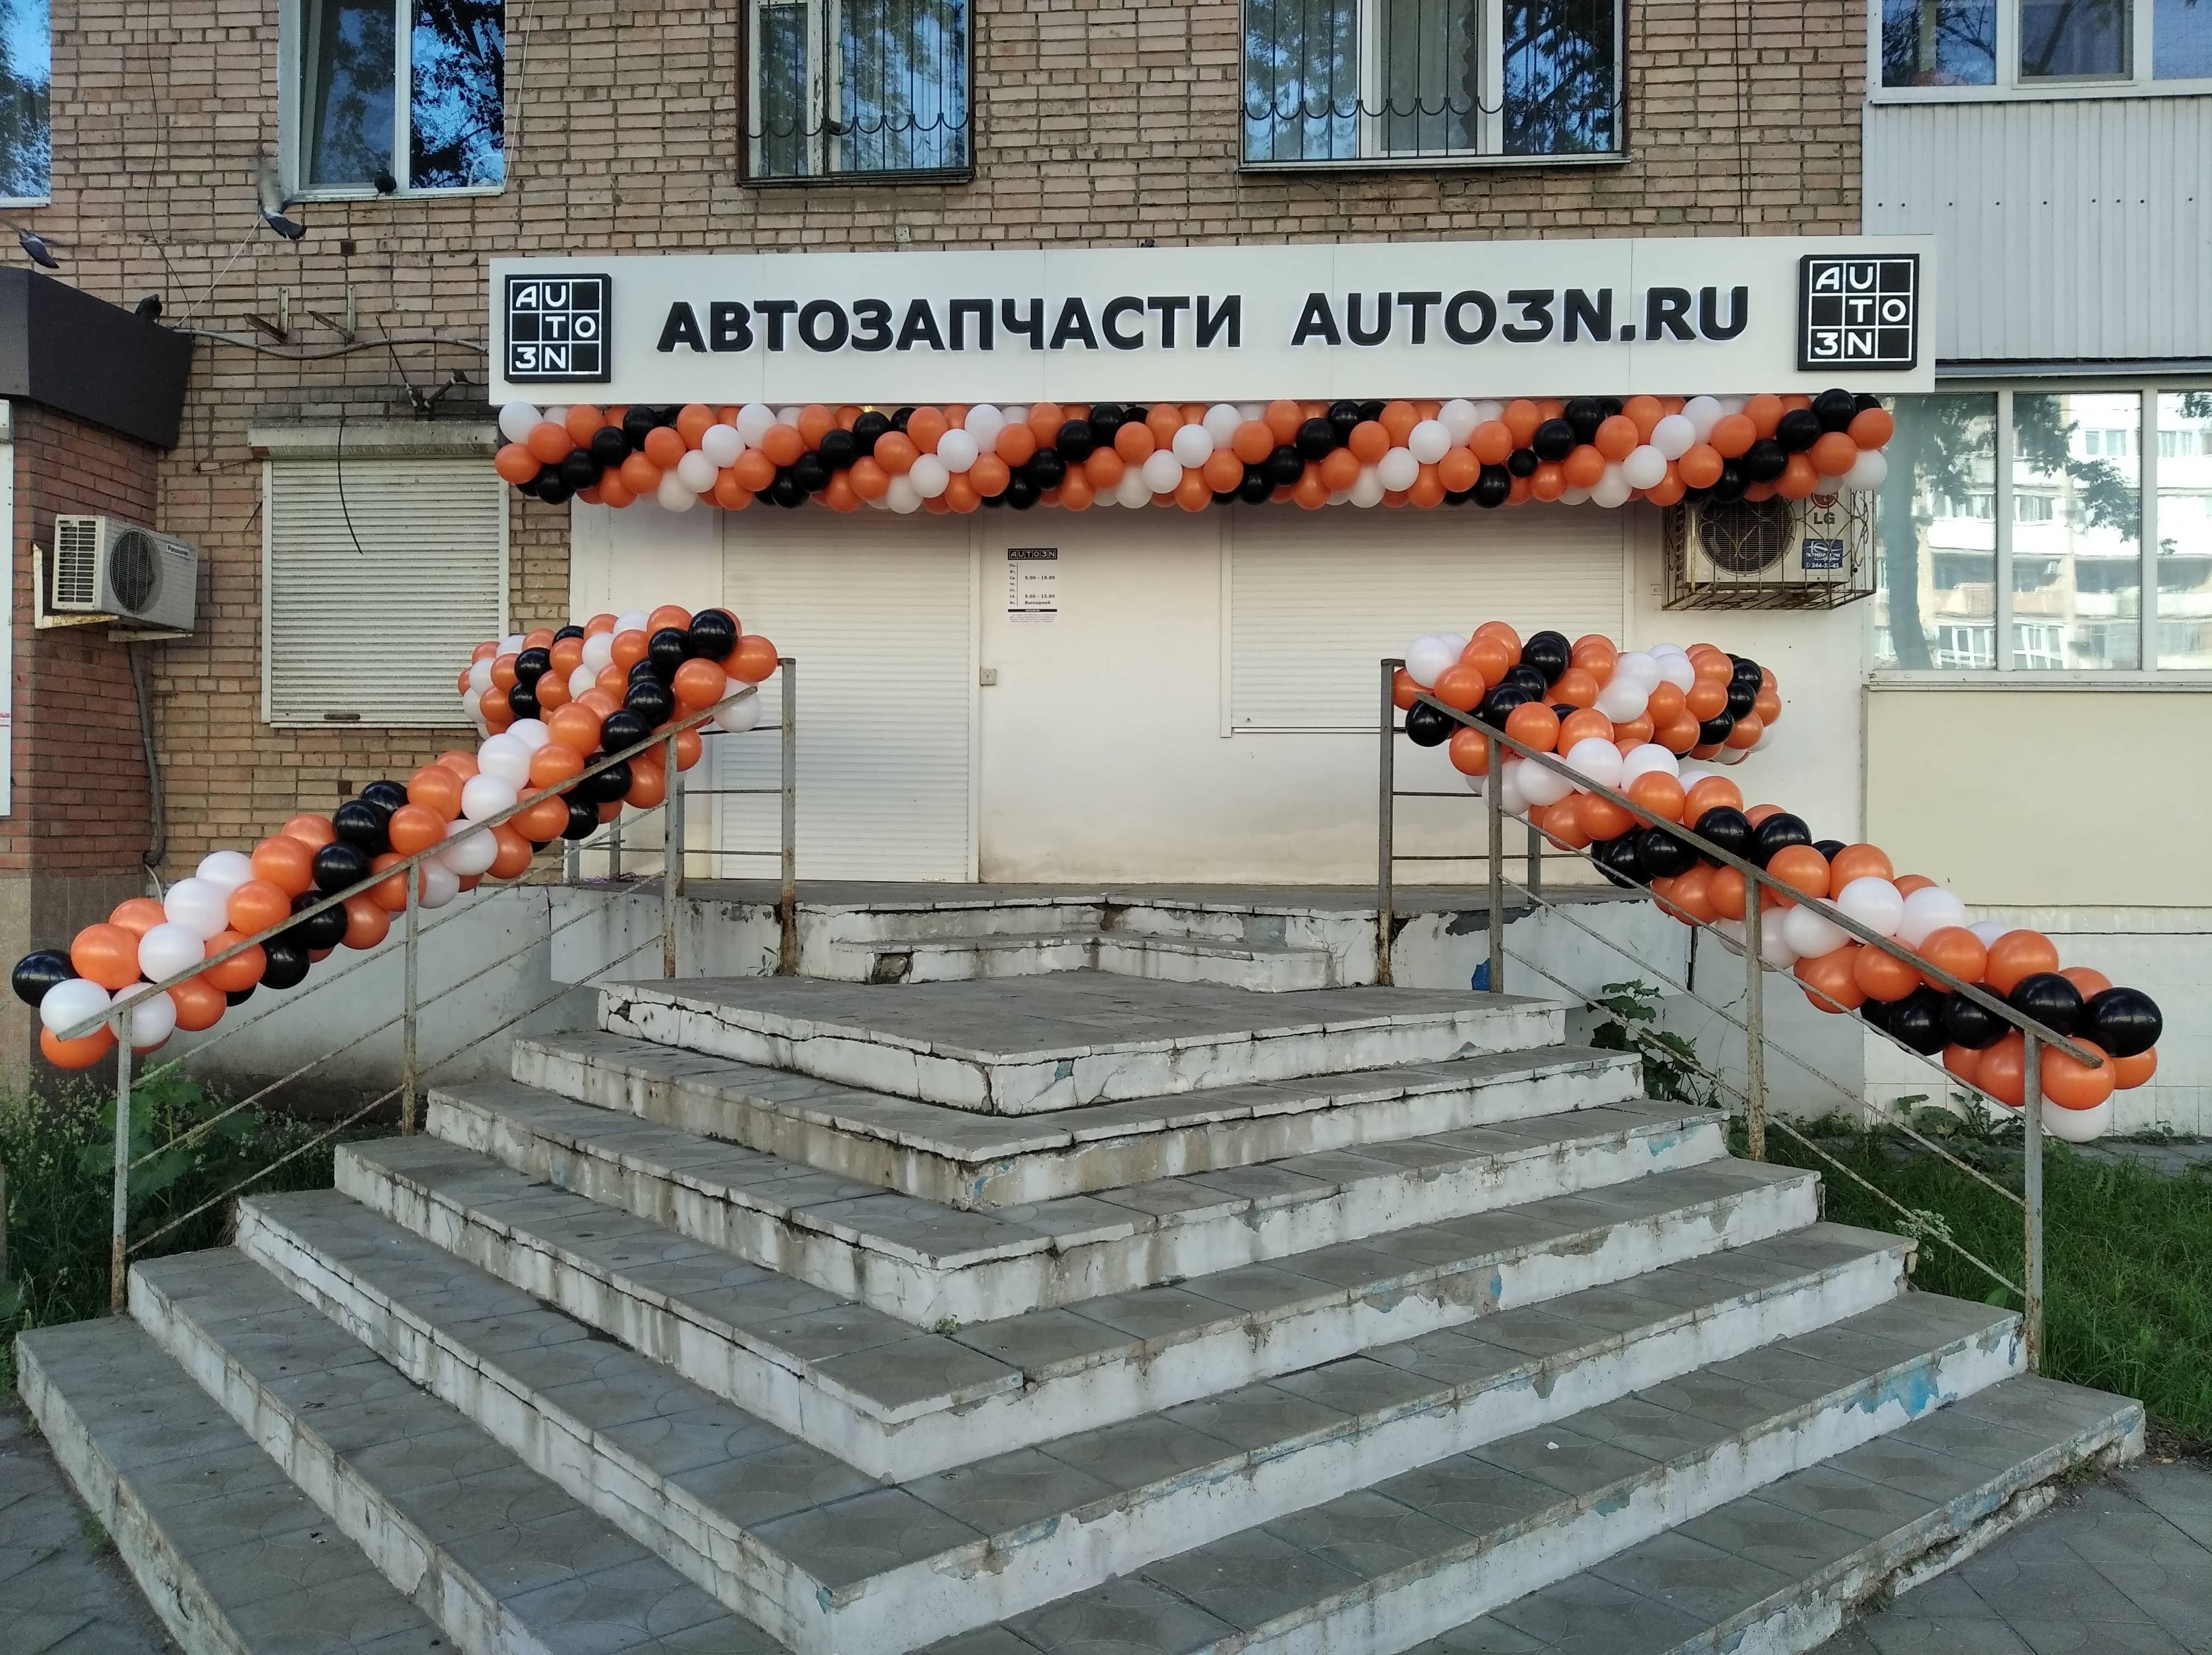 Офорление магазина шарами